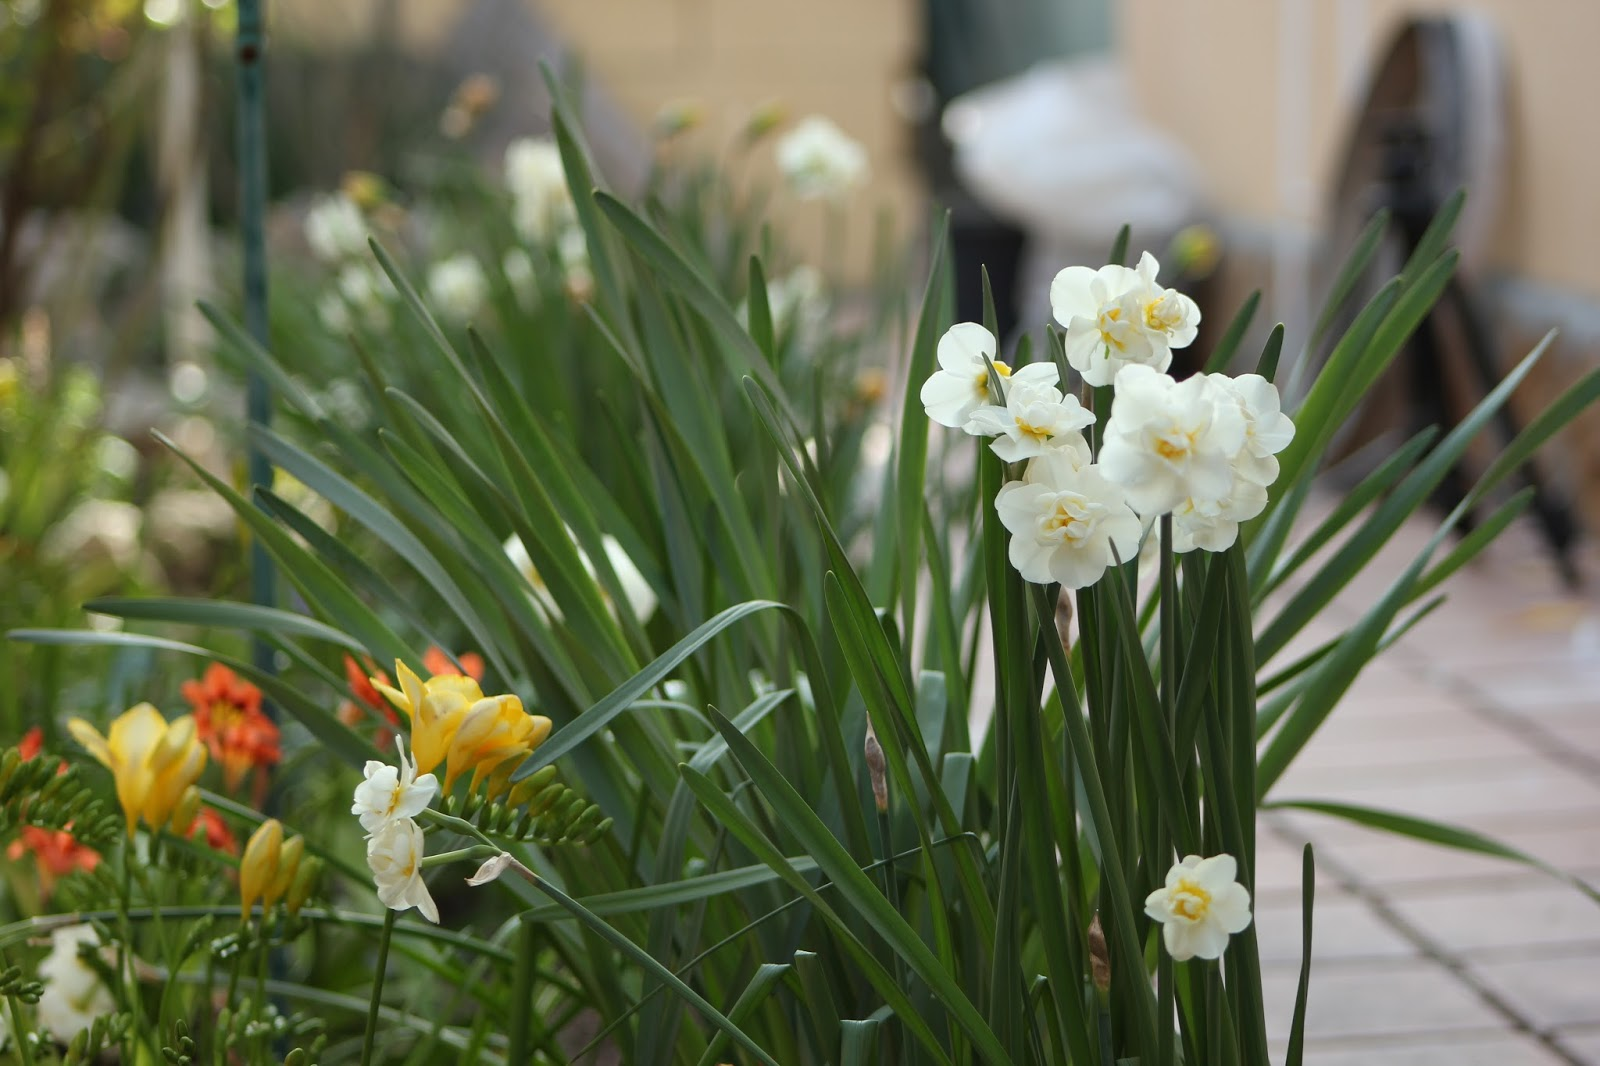 Arte y jardiner a flores y plantas de arte y jardiner a - Plantas de jardin fotos ...